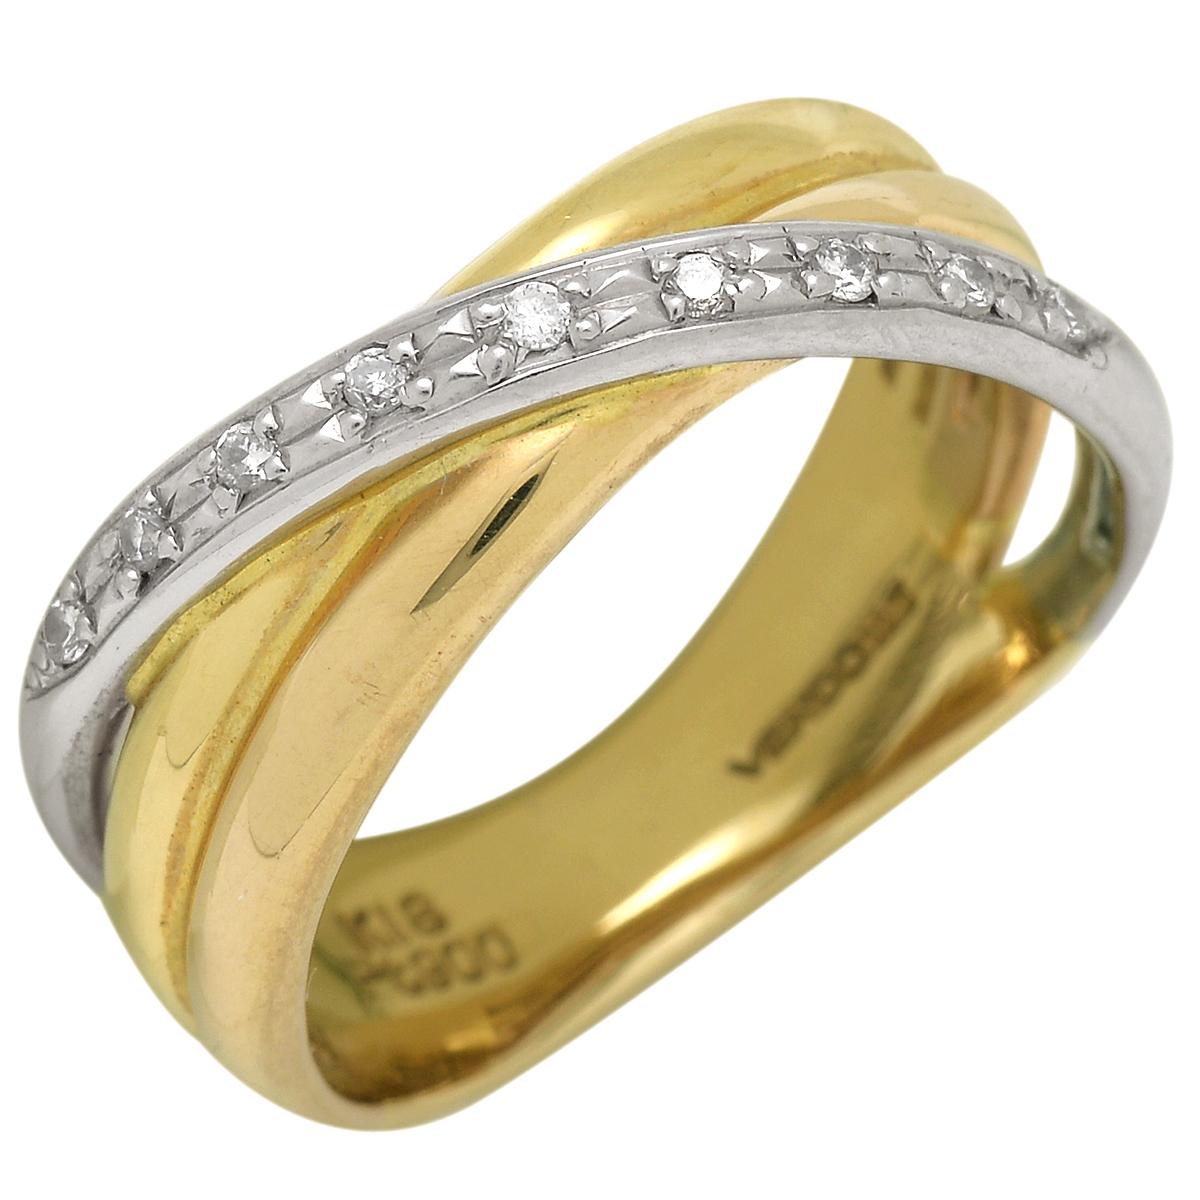 メレダイヤ デザインリング 指輪 Pt900 K18 プラチナ イエローゴールド Pt YG ダイヤ レディース 【中古】